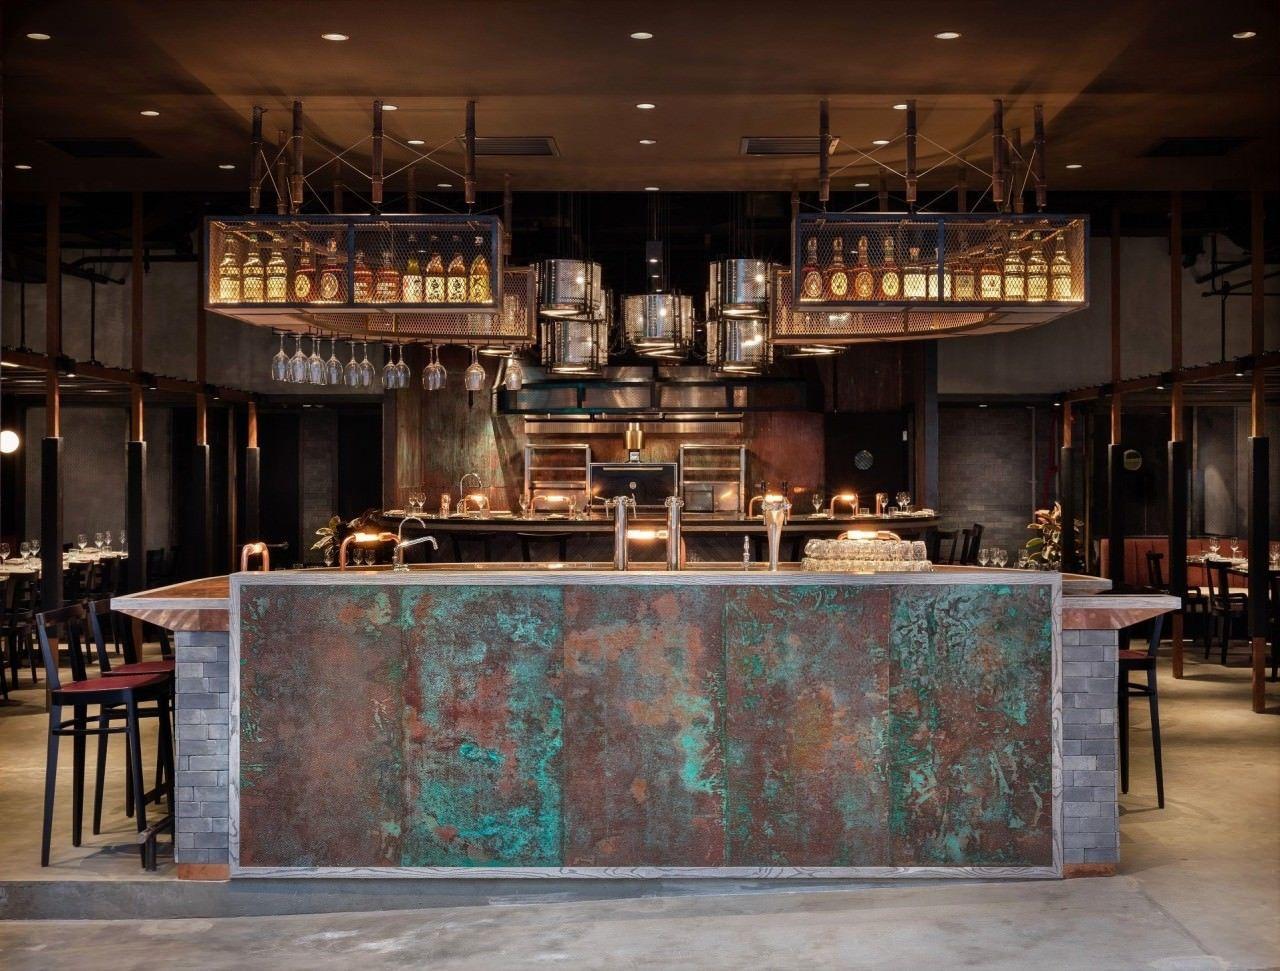 酒牌局成員羅揚傑妻子經營的RHODA餐廳,去年底被控無牌經營,早前獲續牌後,羅被...